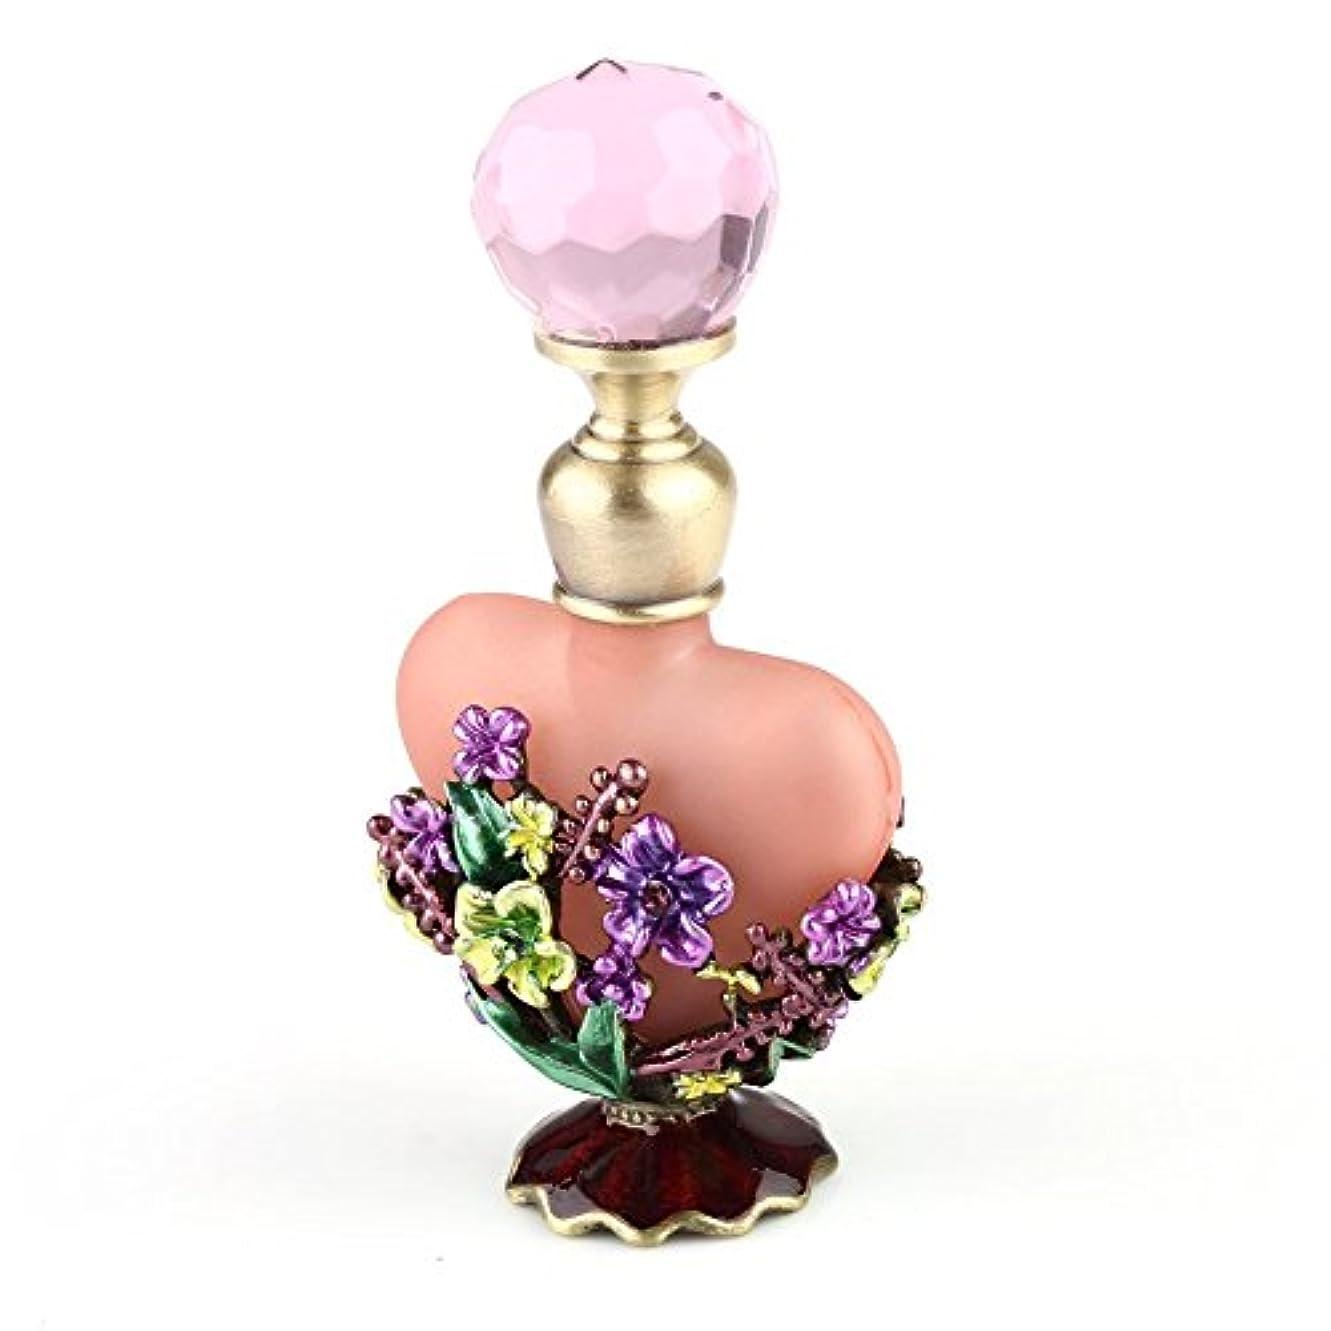 スマイルコーンウォール怖がらせるVERY100 高品質 美しい香水瓶/アロマボトル 5ML ピンク アロマオイル用瓶 綺麗アンティーク調フラワーデザイン プレゼント 結婚式 飾り